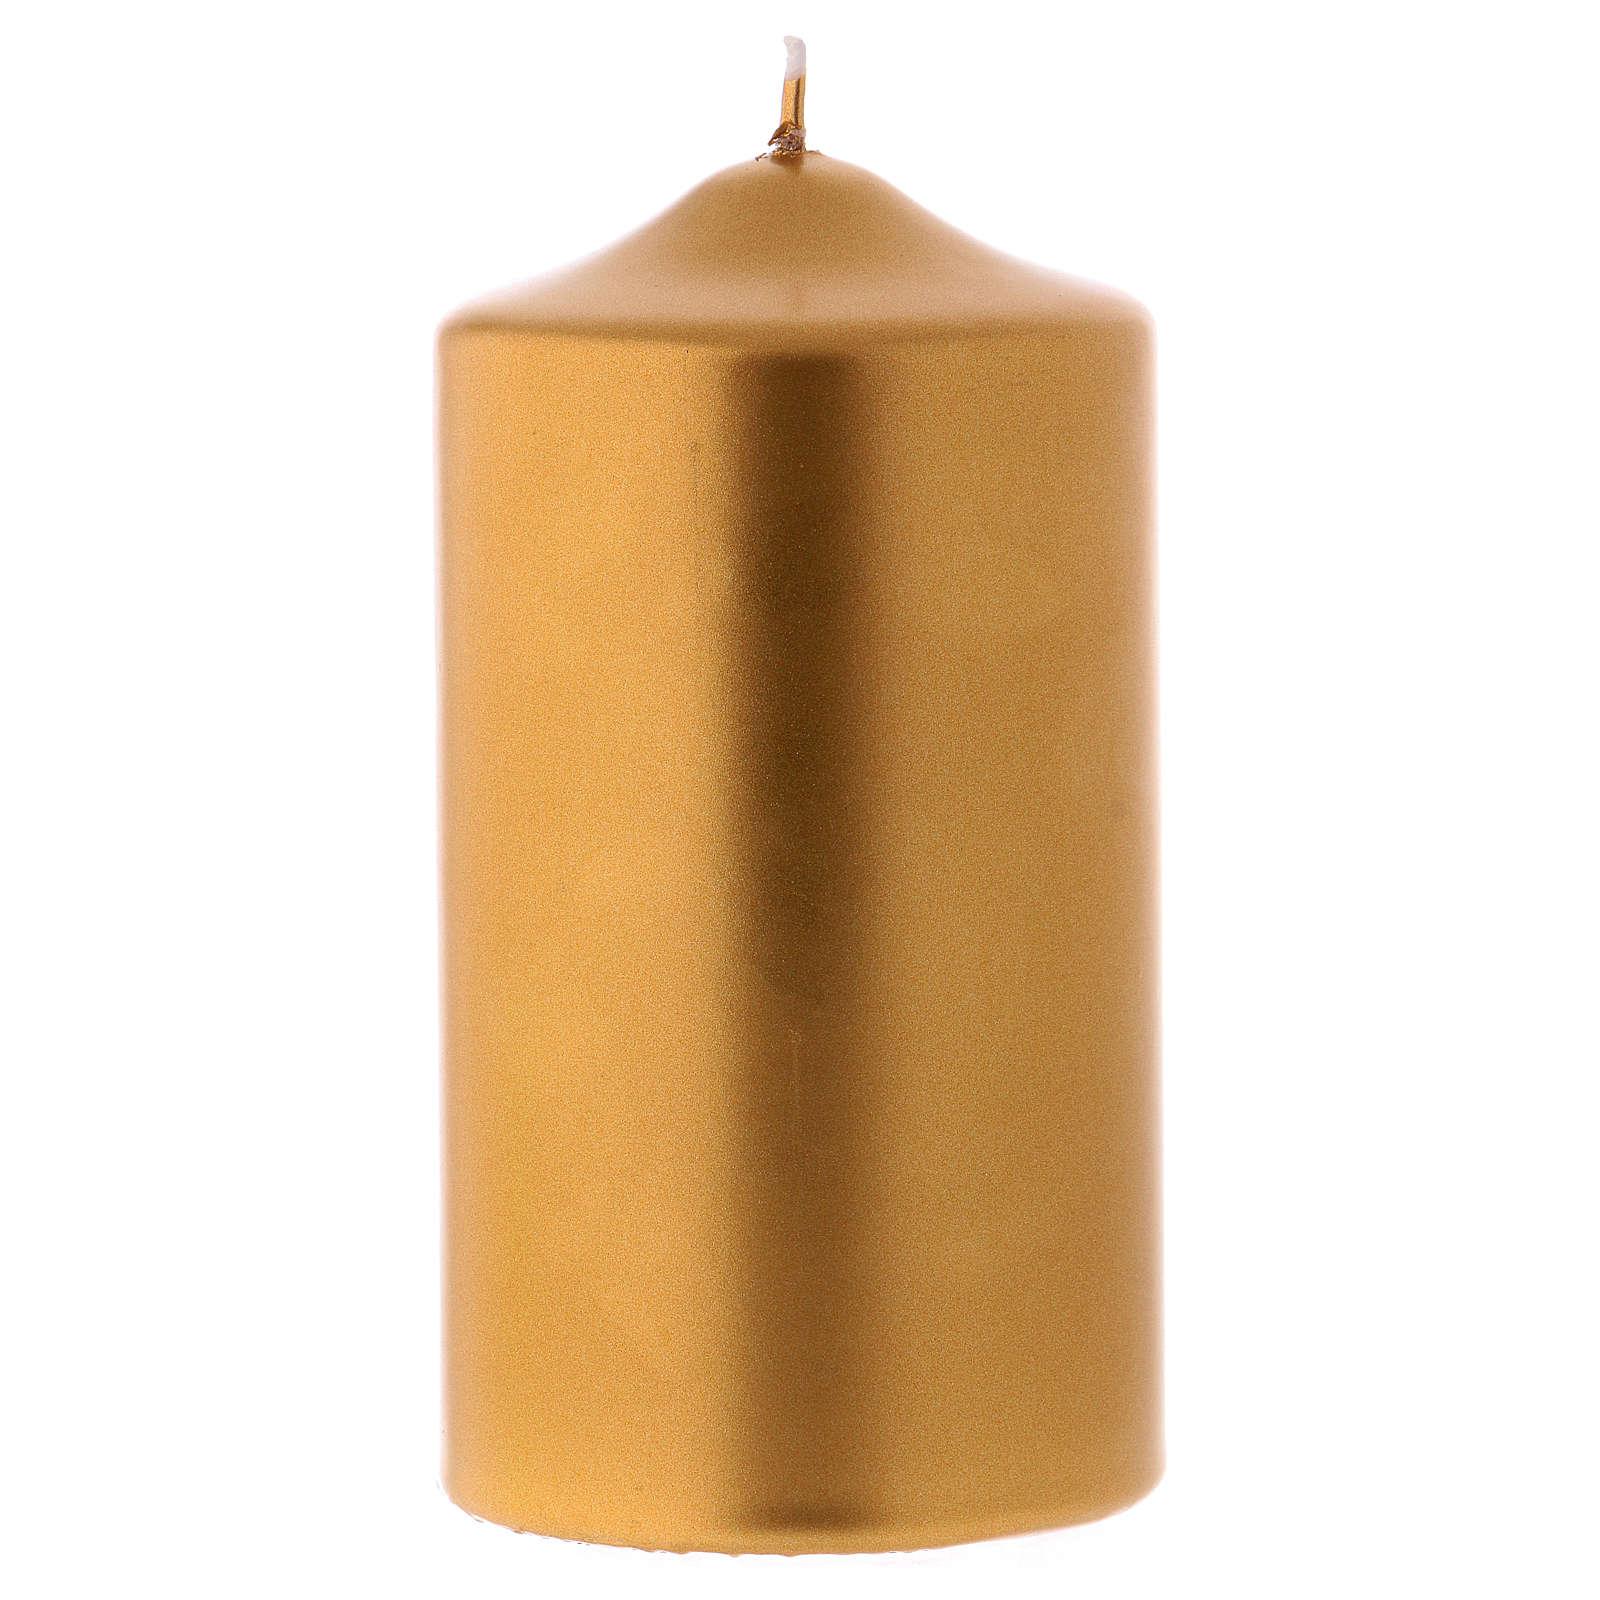 Bougie de Noël couleur métallique or Ceralacca 15x8 cm 3